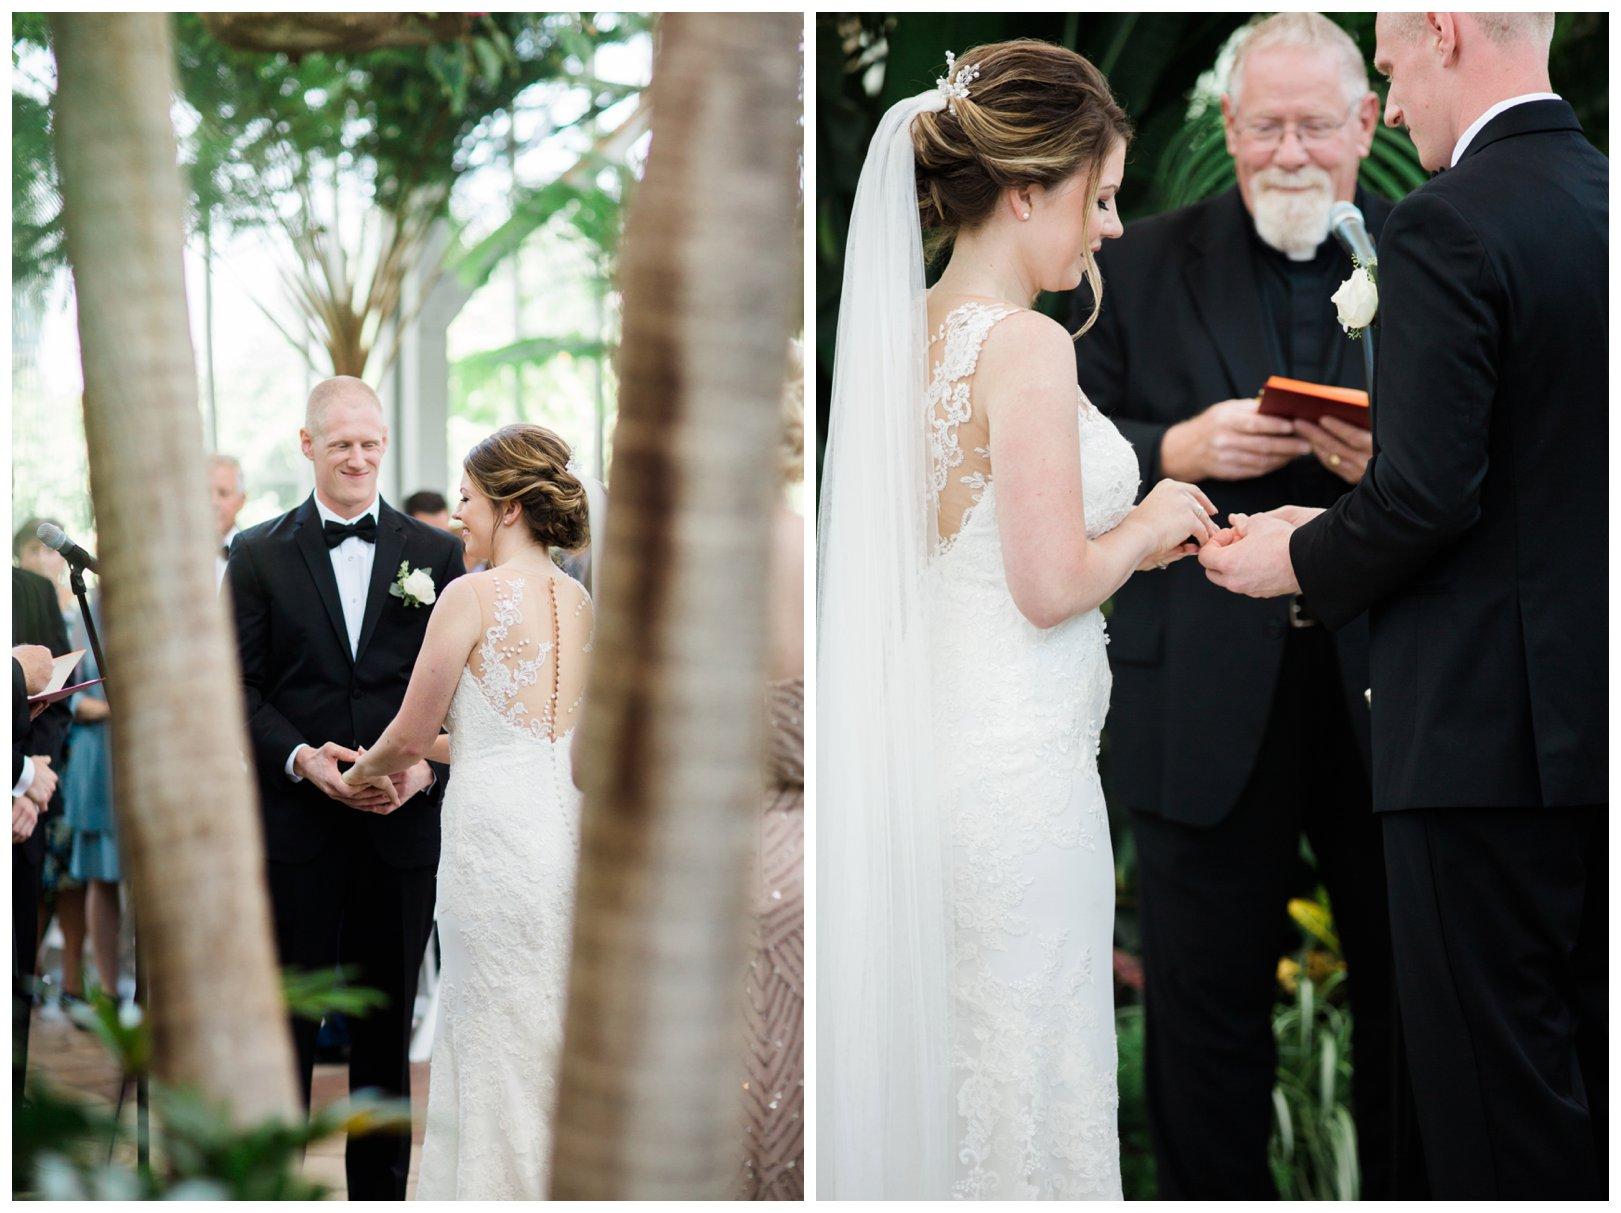 lauren muckler photography_fine art film wedding photography_st louis_photography_1303.jpg